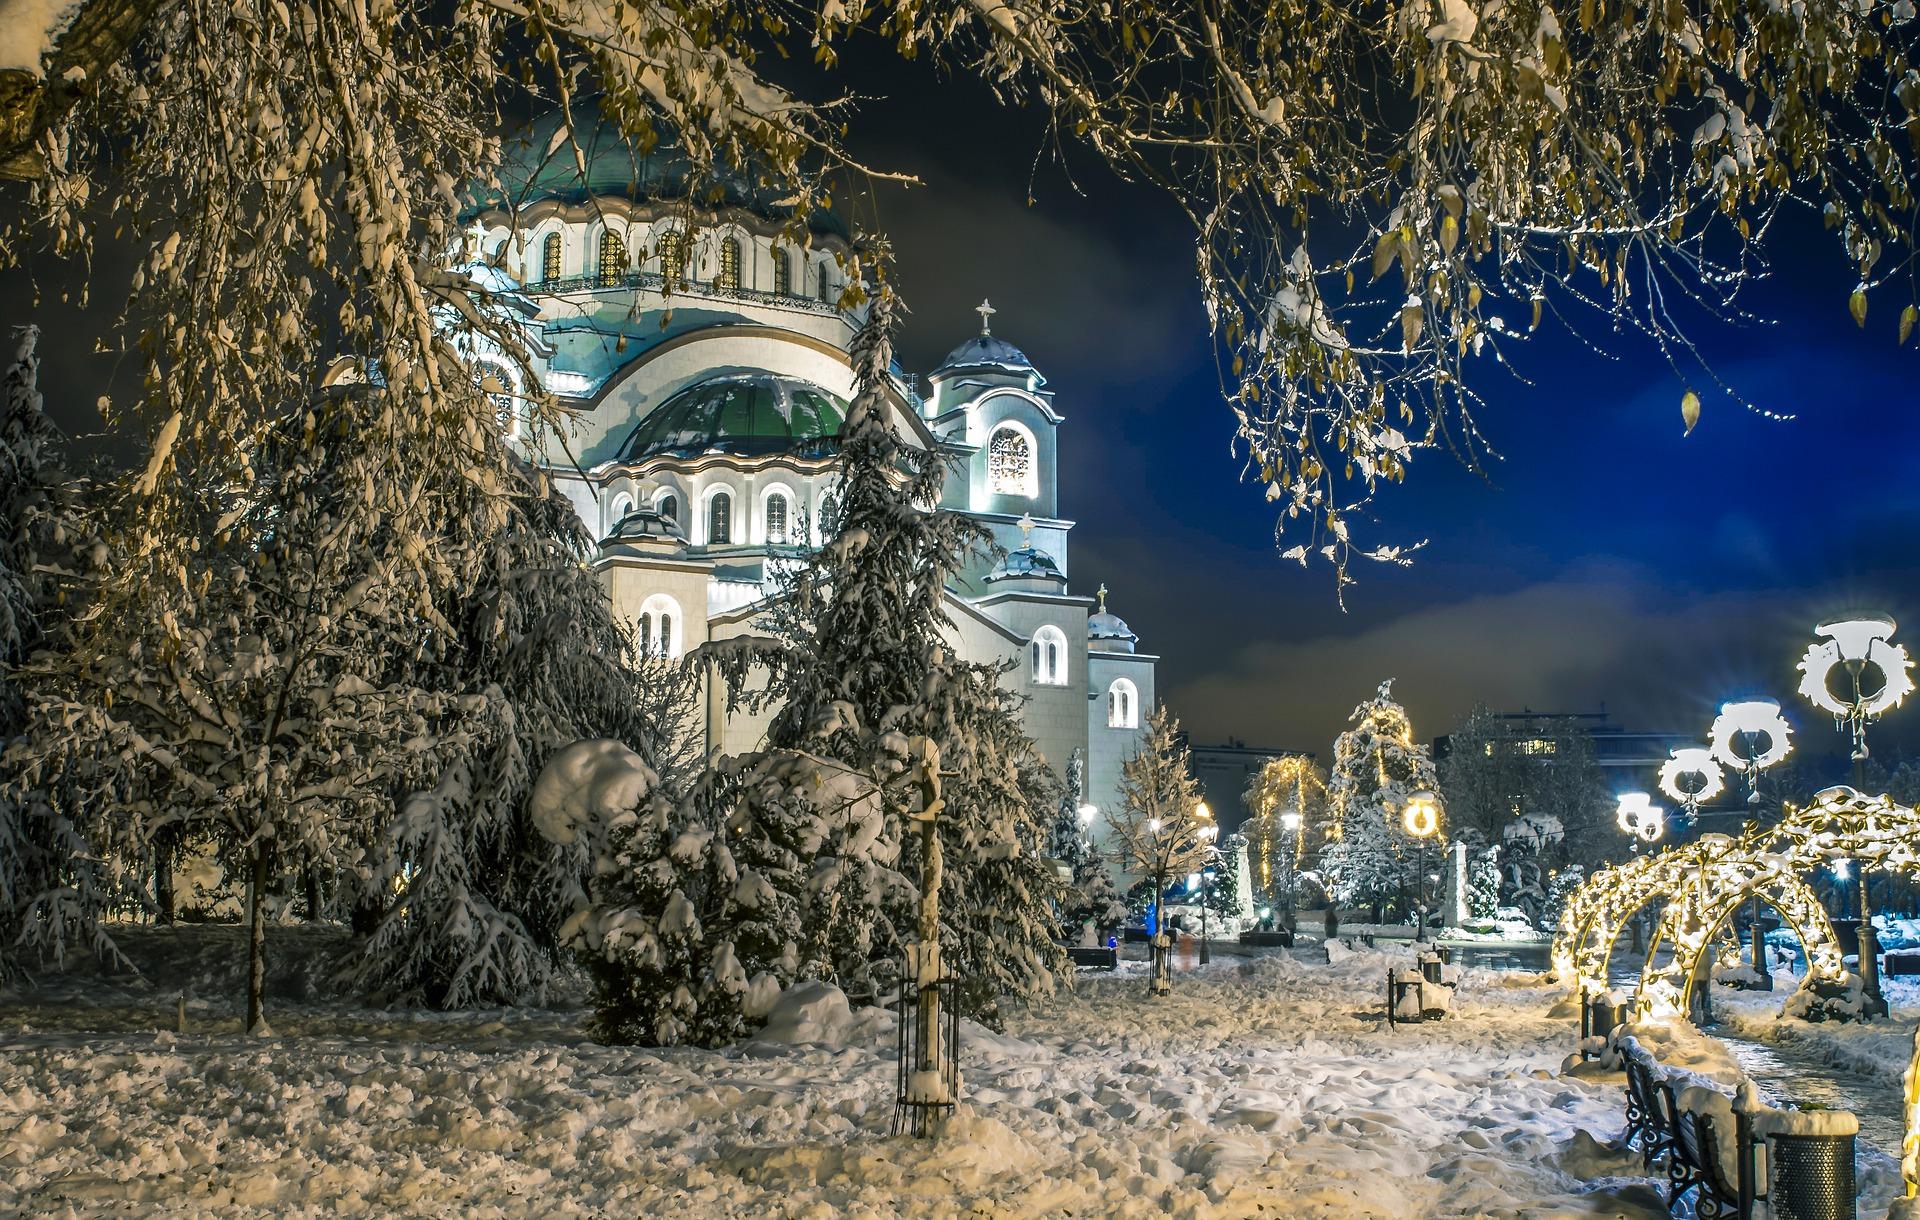 Сербия на Новый год